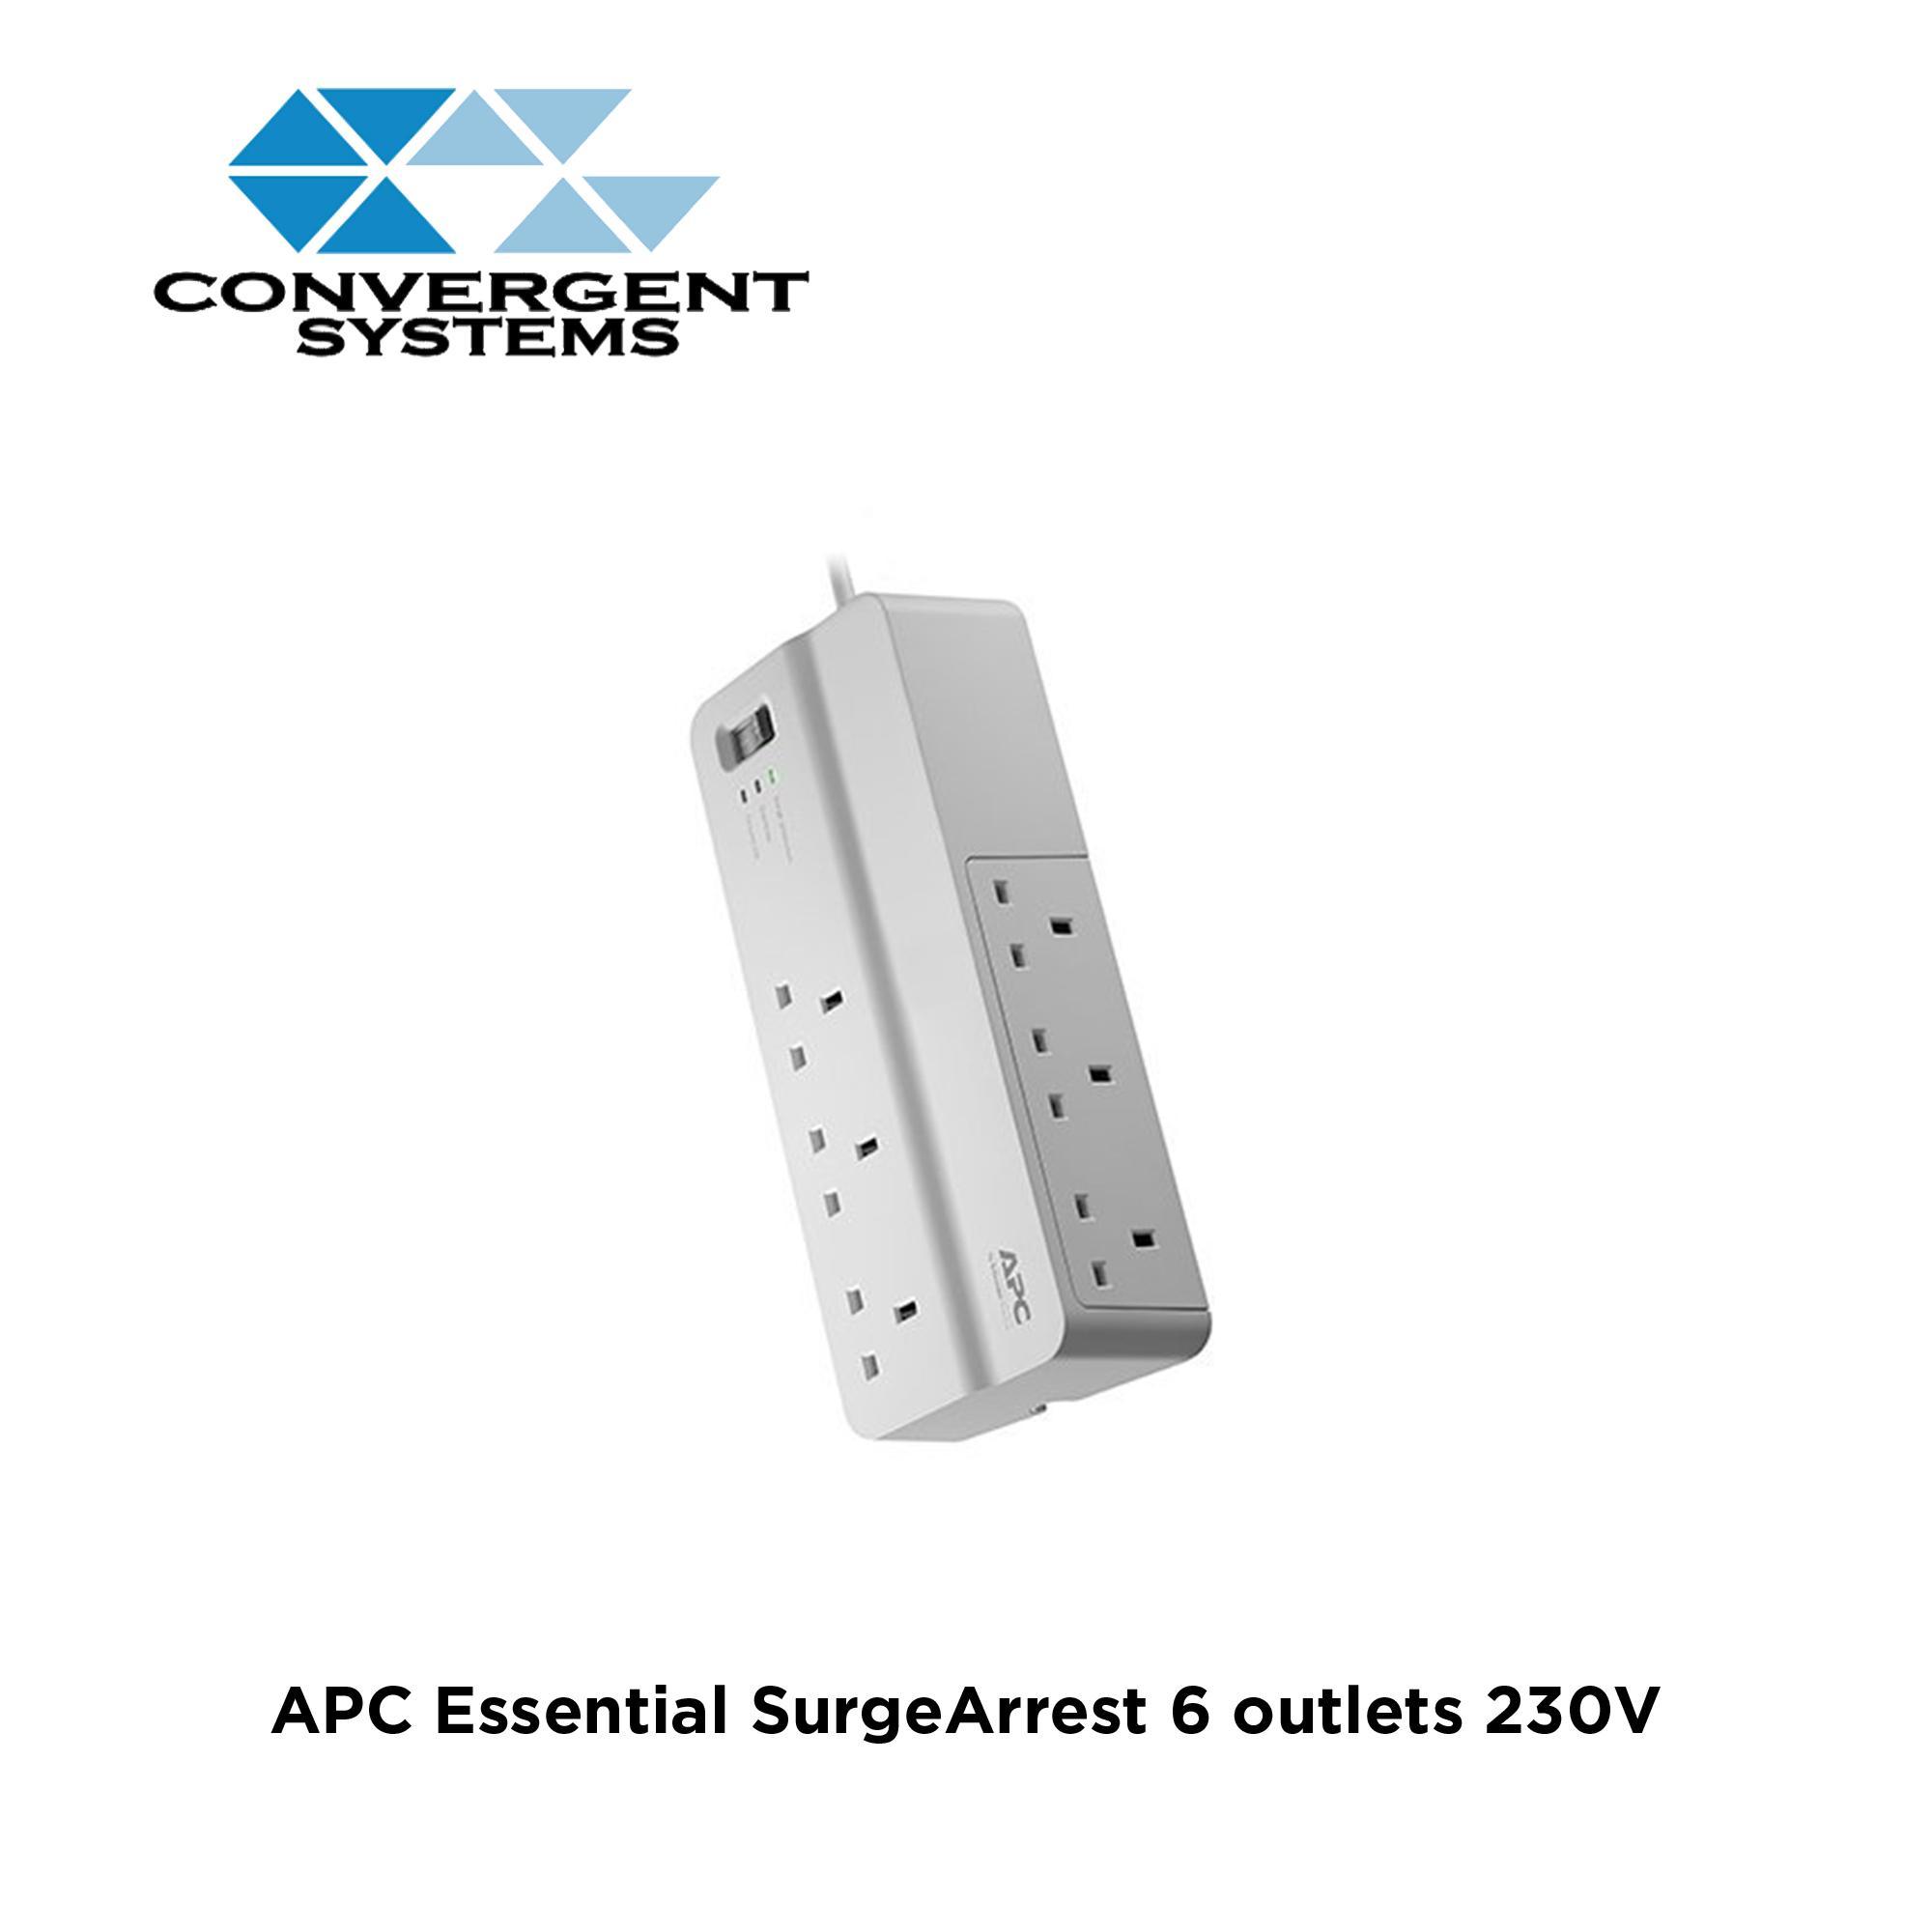 APC Essential SurgeArrest 6 outlets 230V UK